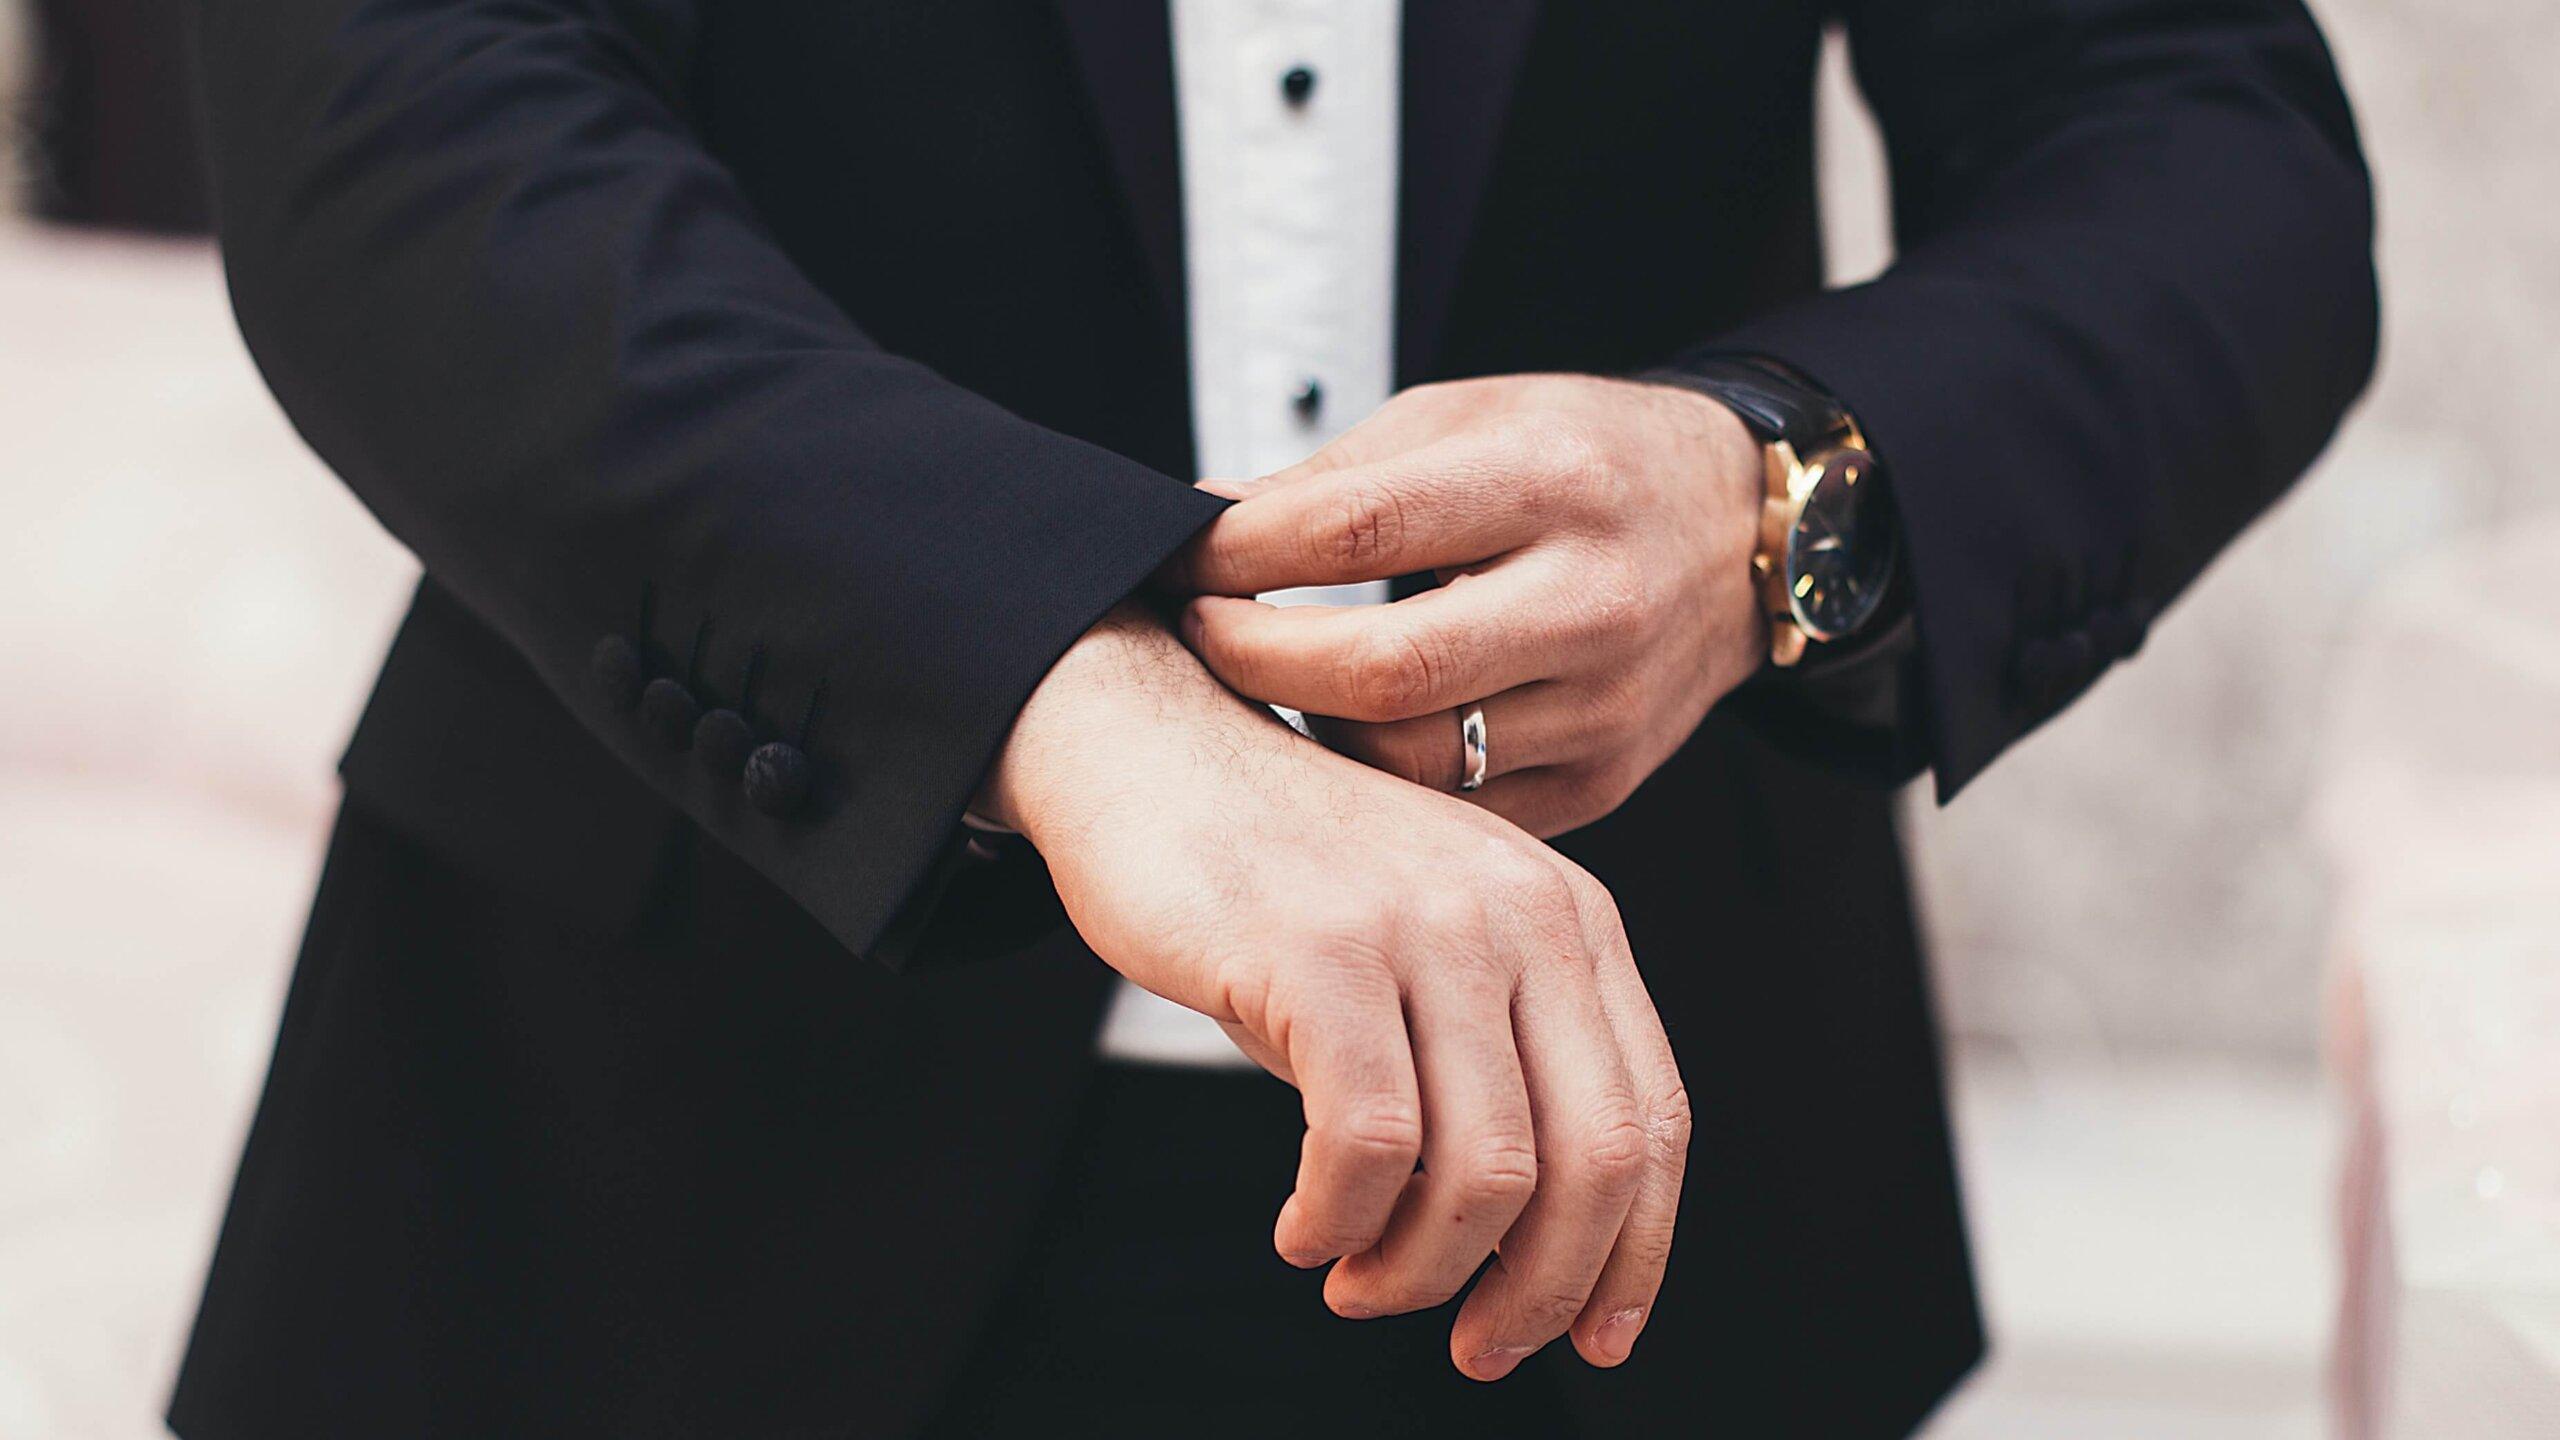 男性が成人式写真で格好がつくポーズとは?おすすめのポーズを紹介